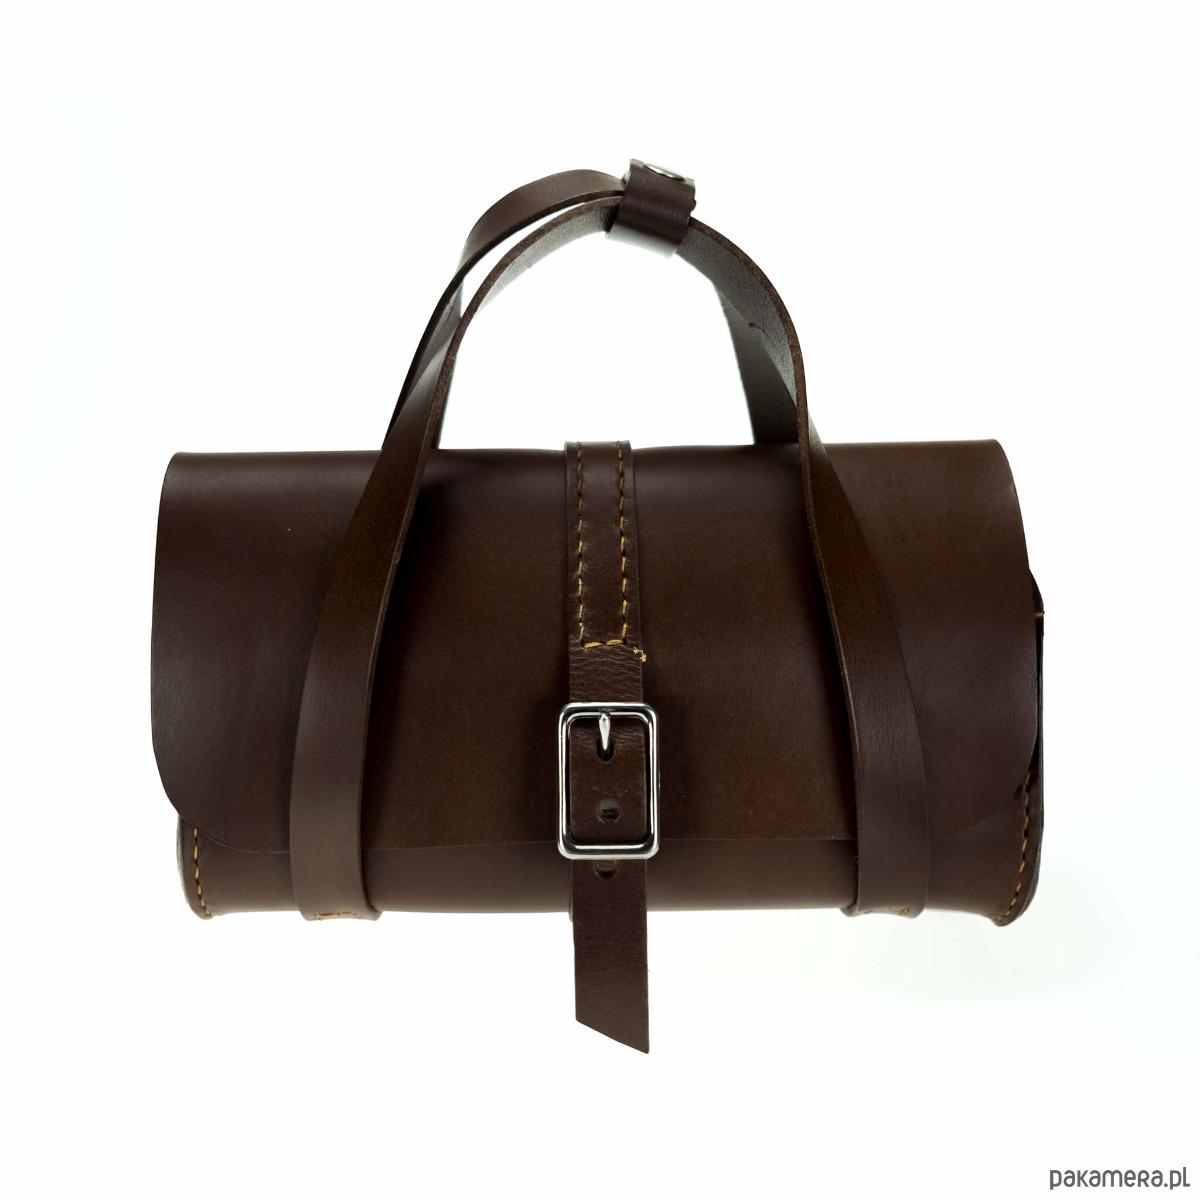 cb25e714752b2 Torebka skórzana OFFME BE YOU VINTAGE brązowa - torebki do ręki ...